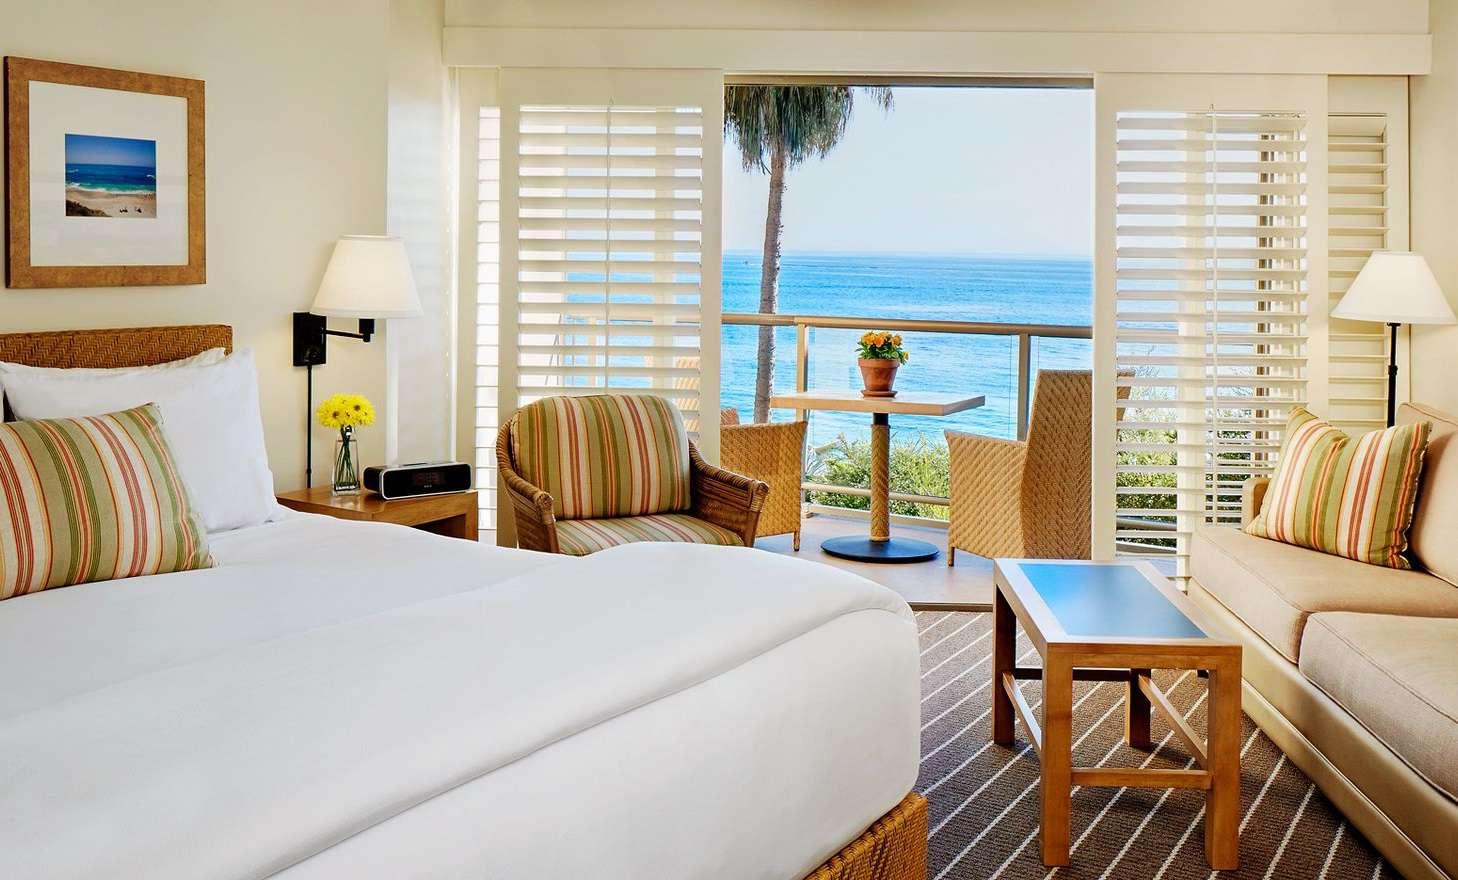 The Inn at Laguna Beach